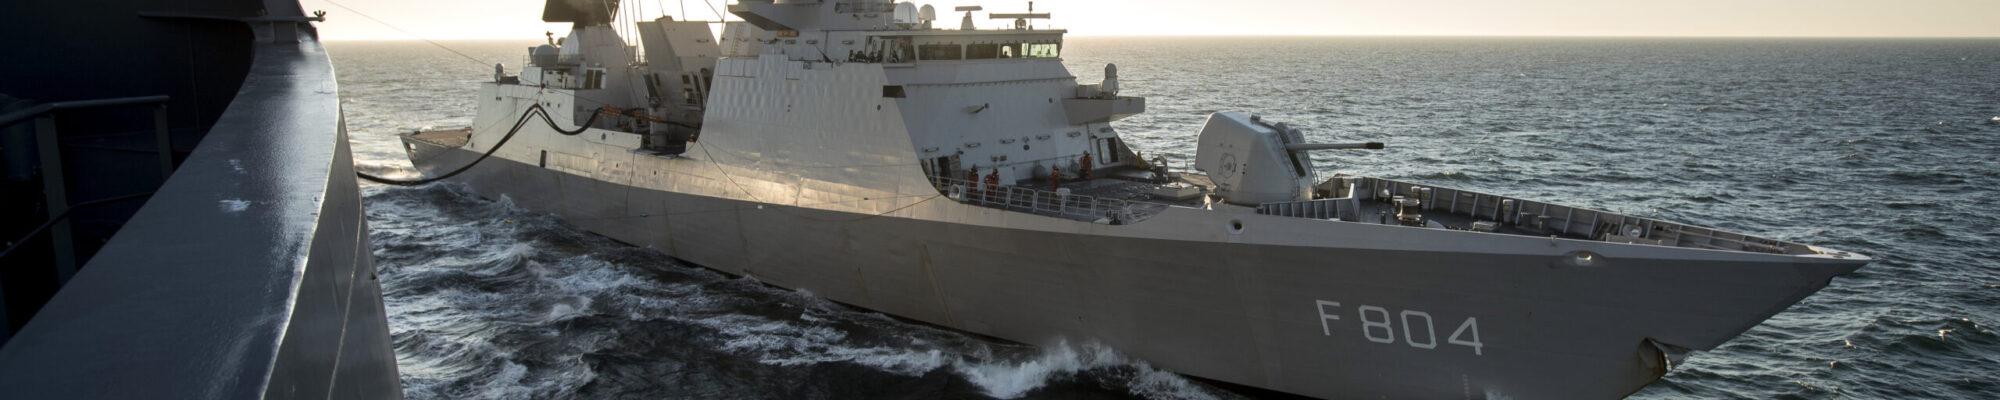 Noordzee, aan boord van Zr.Ms.Karel Doorman, 25 mei 2017. RAS / BOZ  (Olieladen en zware lasten) met Zr Ms Van Speijk en Zr Ms De Ruyter.  Foto: Zr.Ms.De Ruyter op zee nabij Southampton.